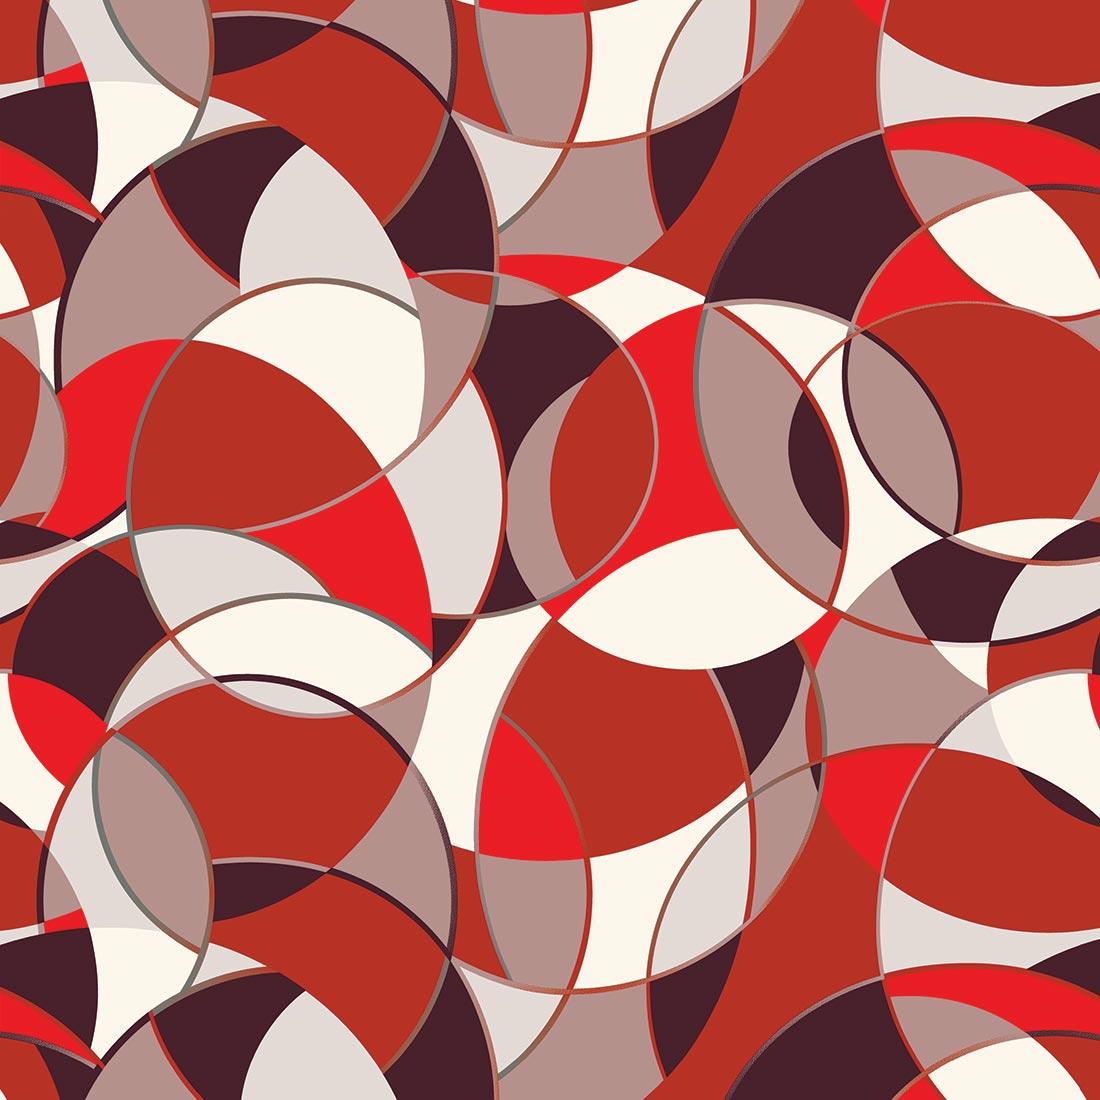 Papel de Parede Círculos e Semicírculos Tons de Vermelho, Marrom, Cinza e Branco